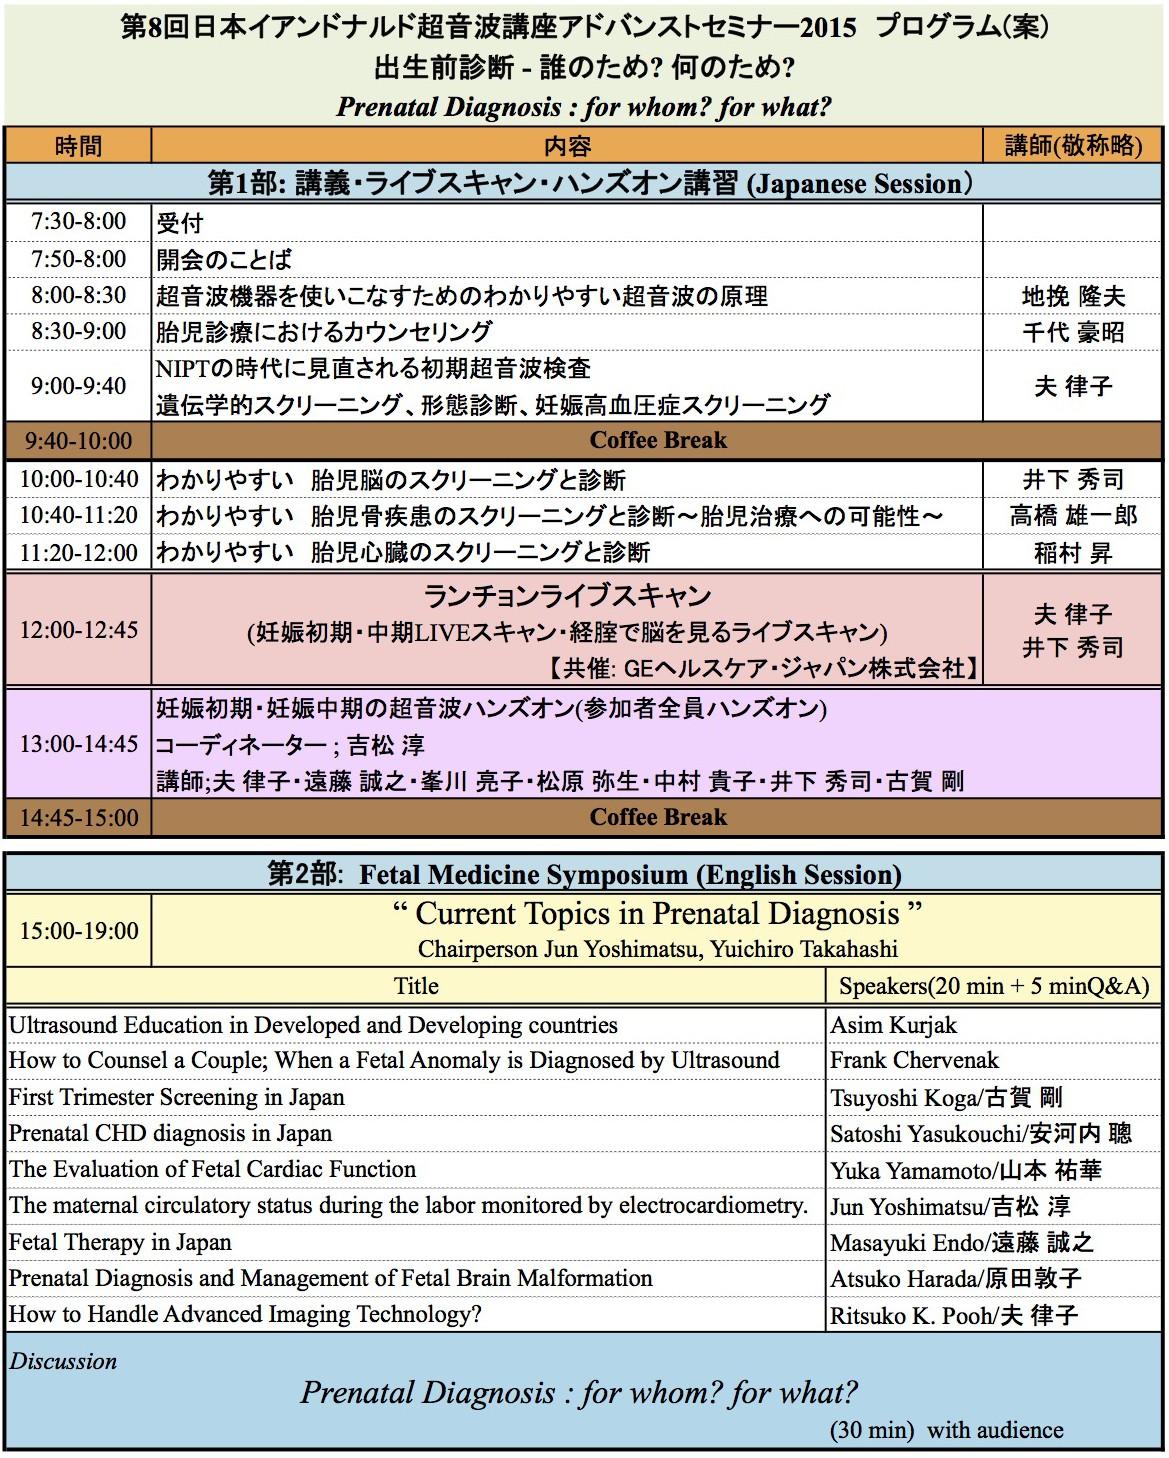 第8回イアンドナルドアドバンストセミナー2015 プログラム20151113